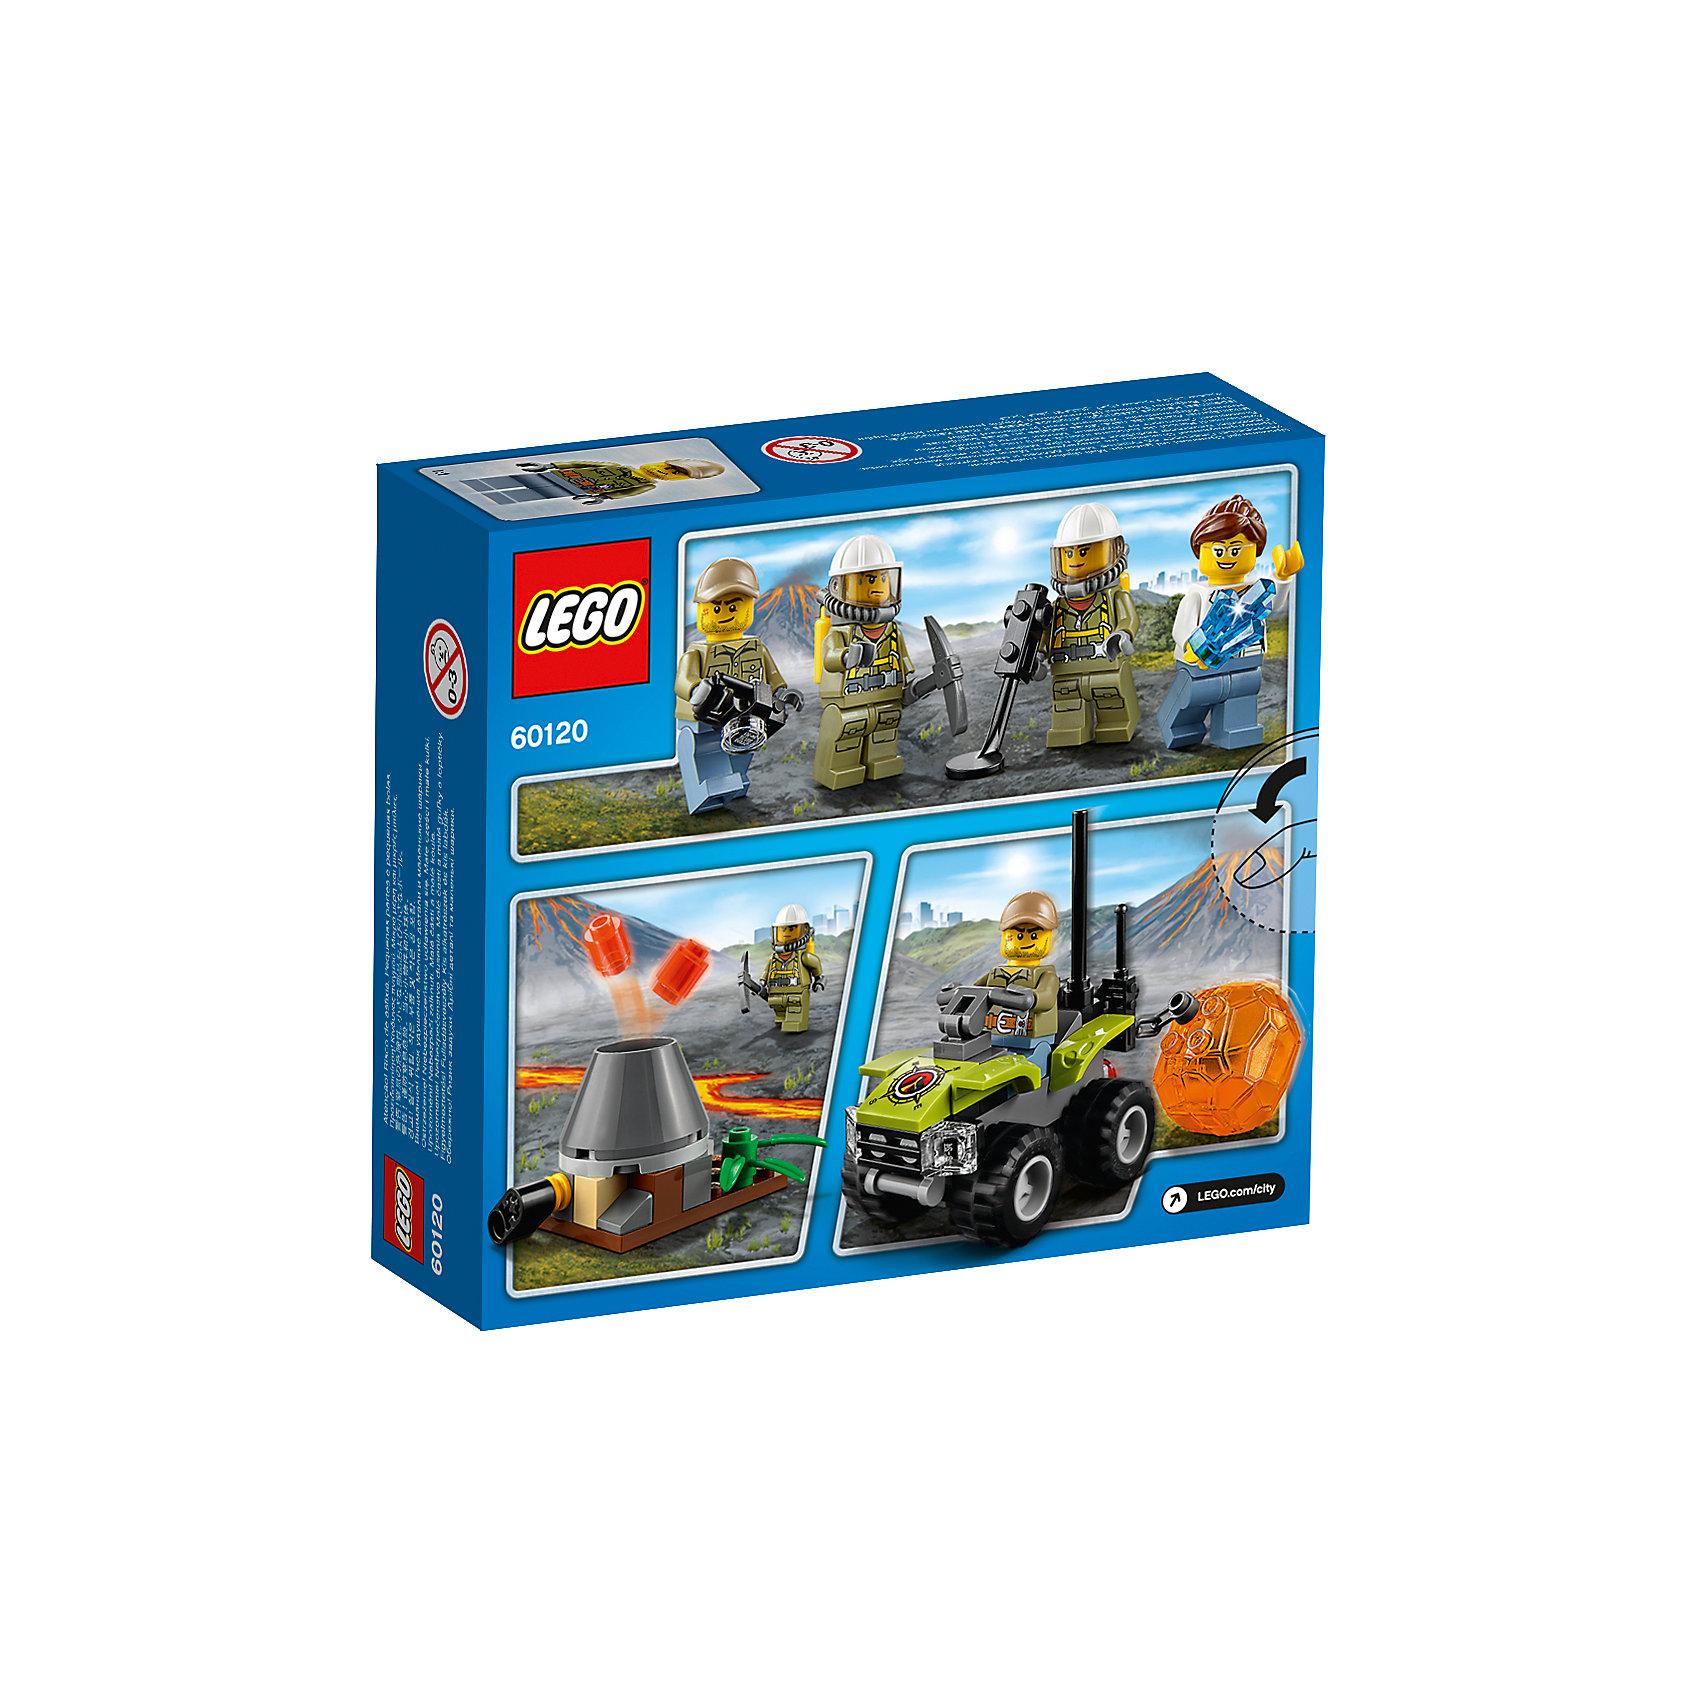 LEGO City 60120: ����� ��� ����������